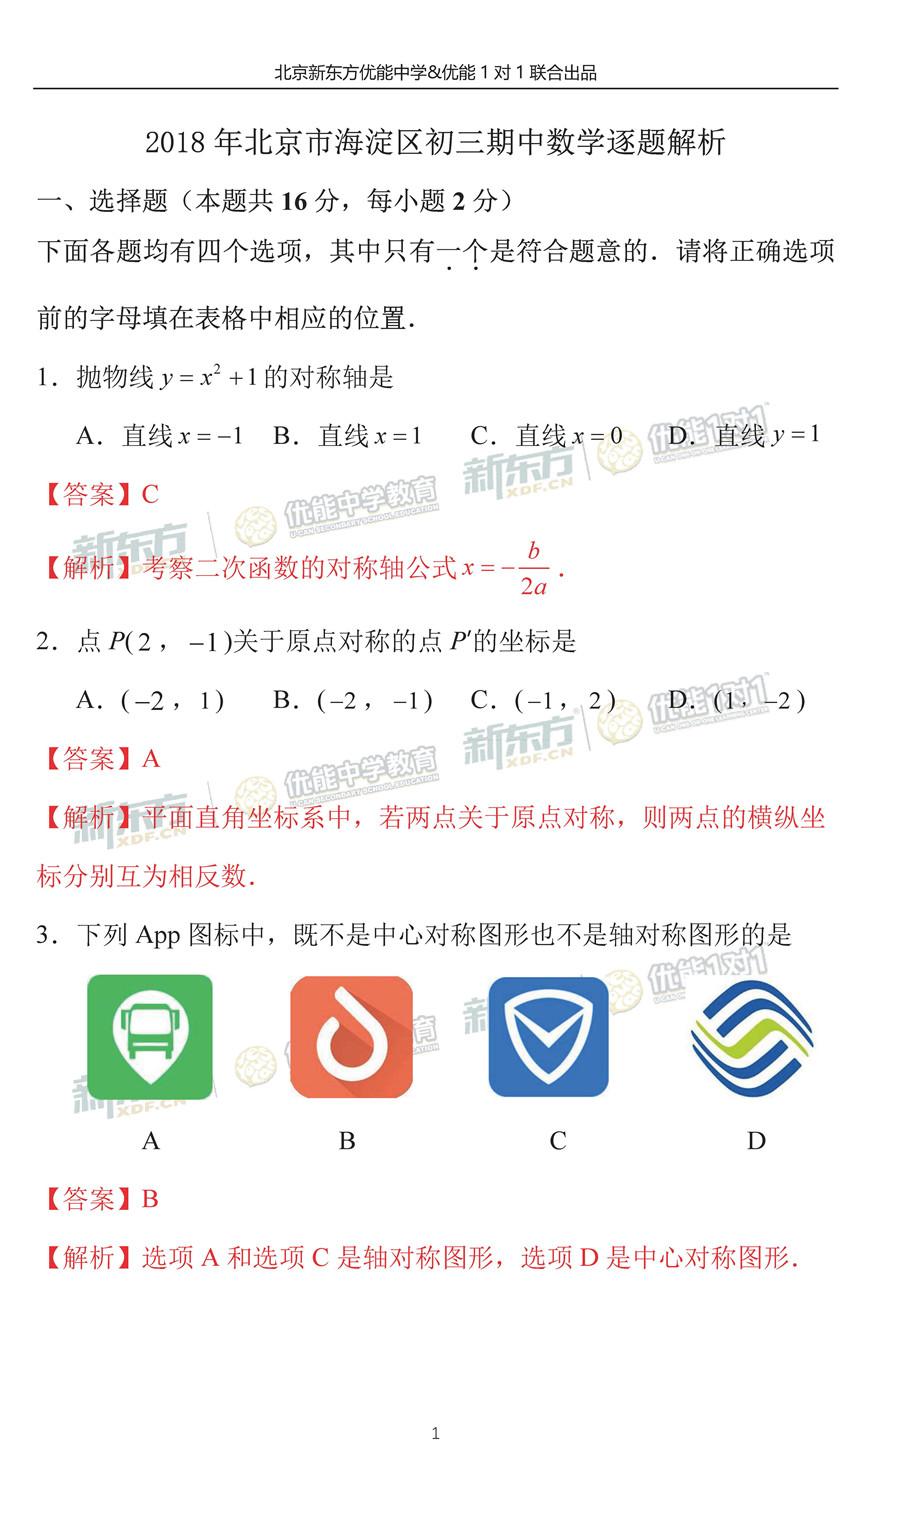 2018-2019学年北京海淀初三期中数学试题及答案解析